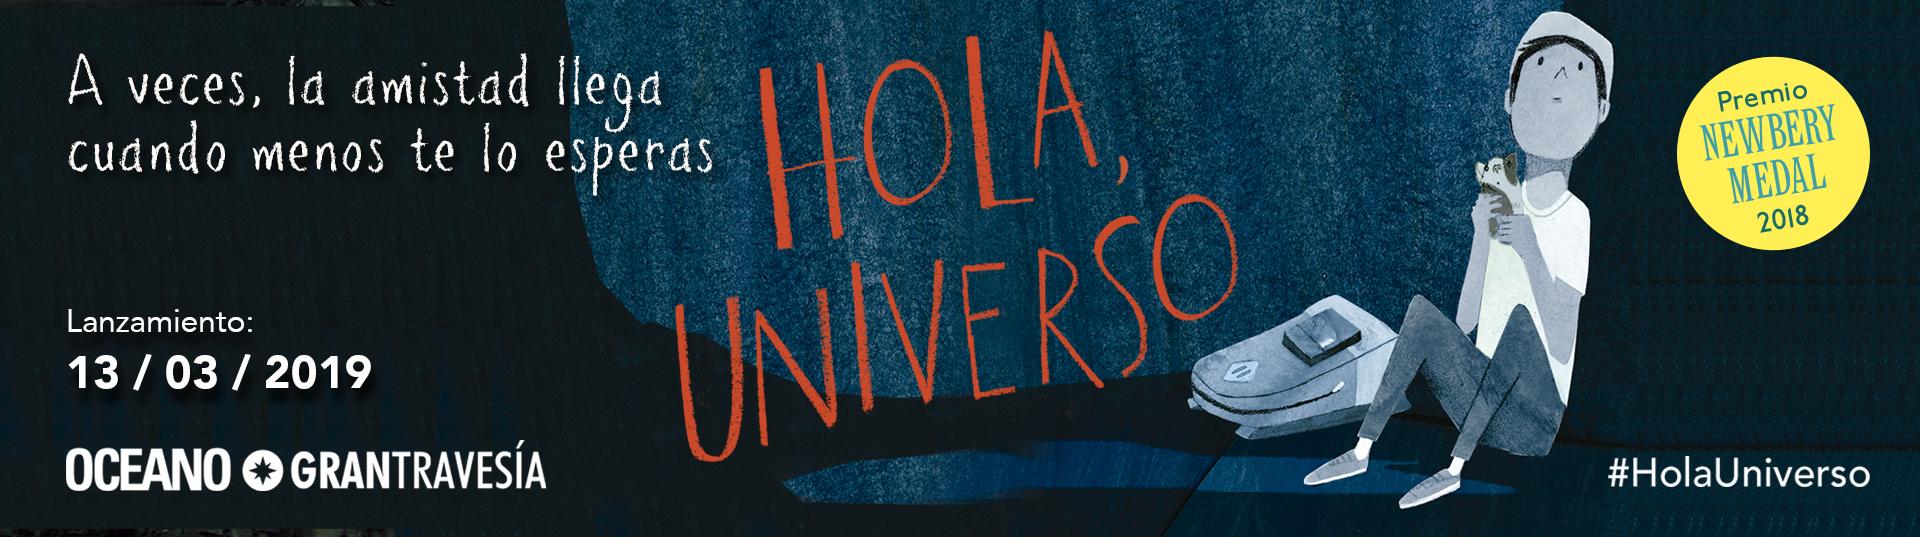 blog_holauniverso